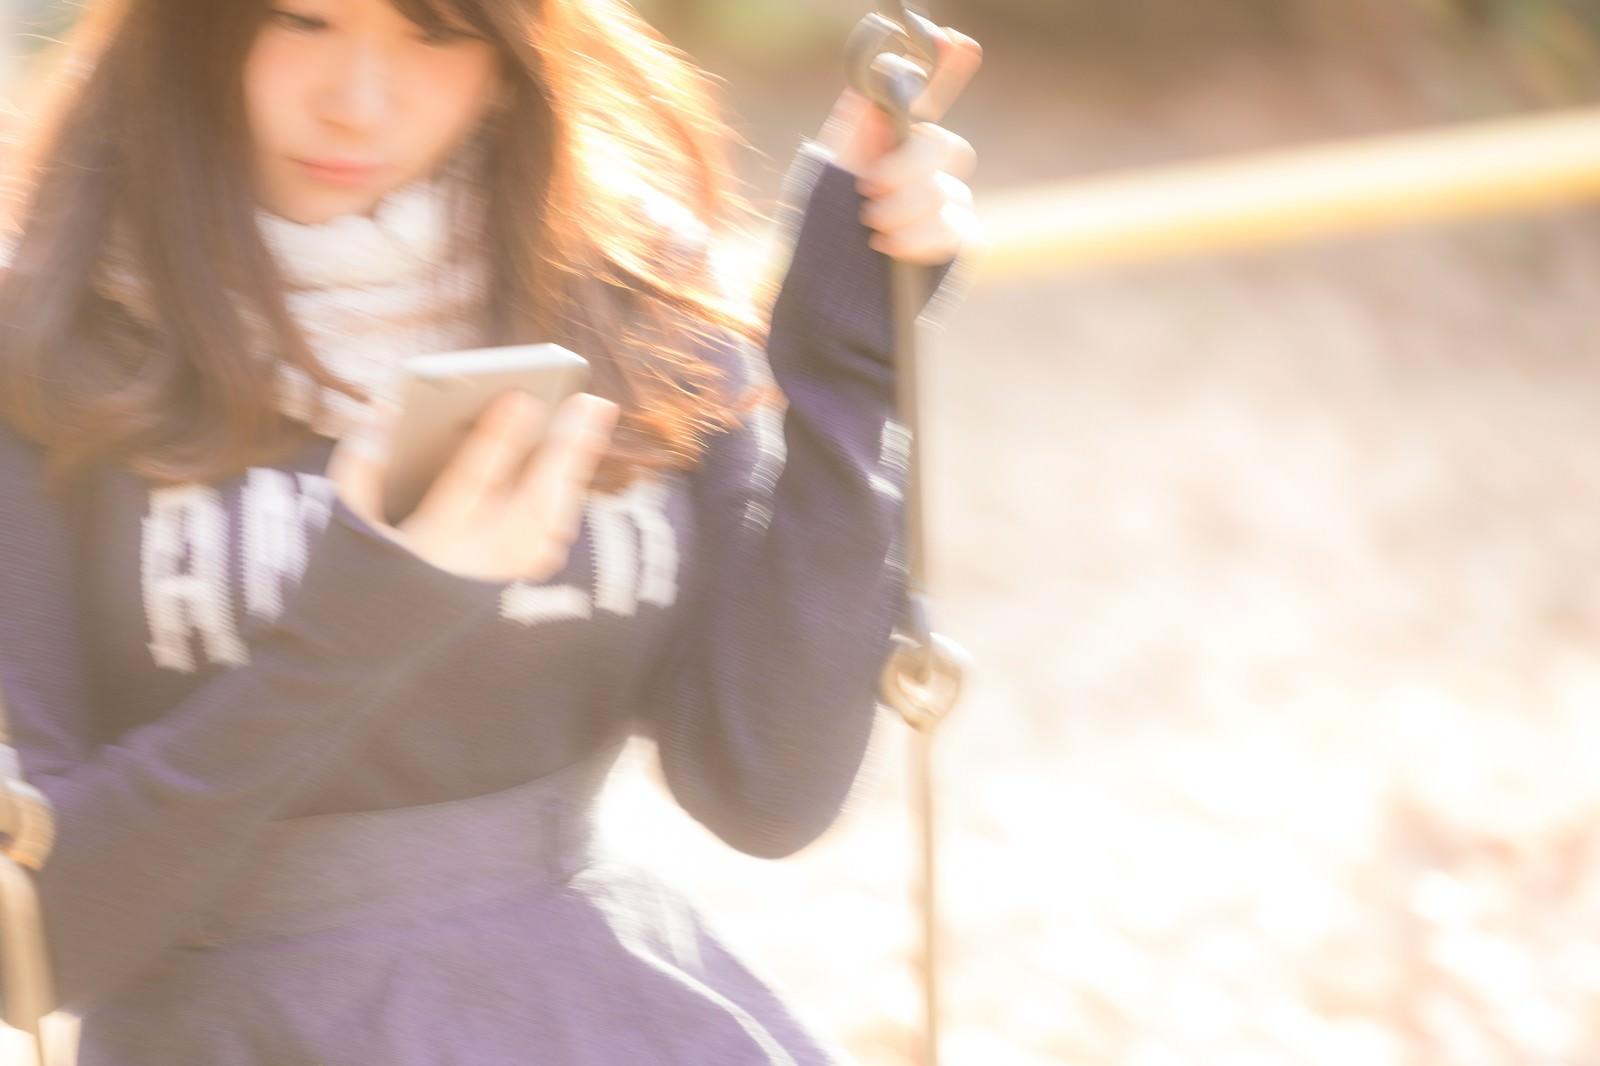 「ブランコに揺られながらスマホを操作する女性」の写真[モデル:茜さや]